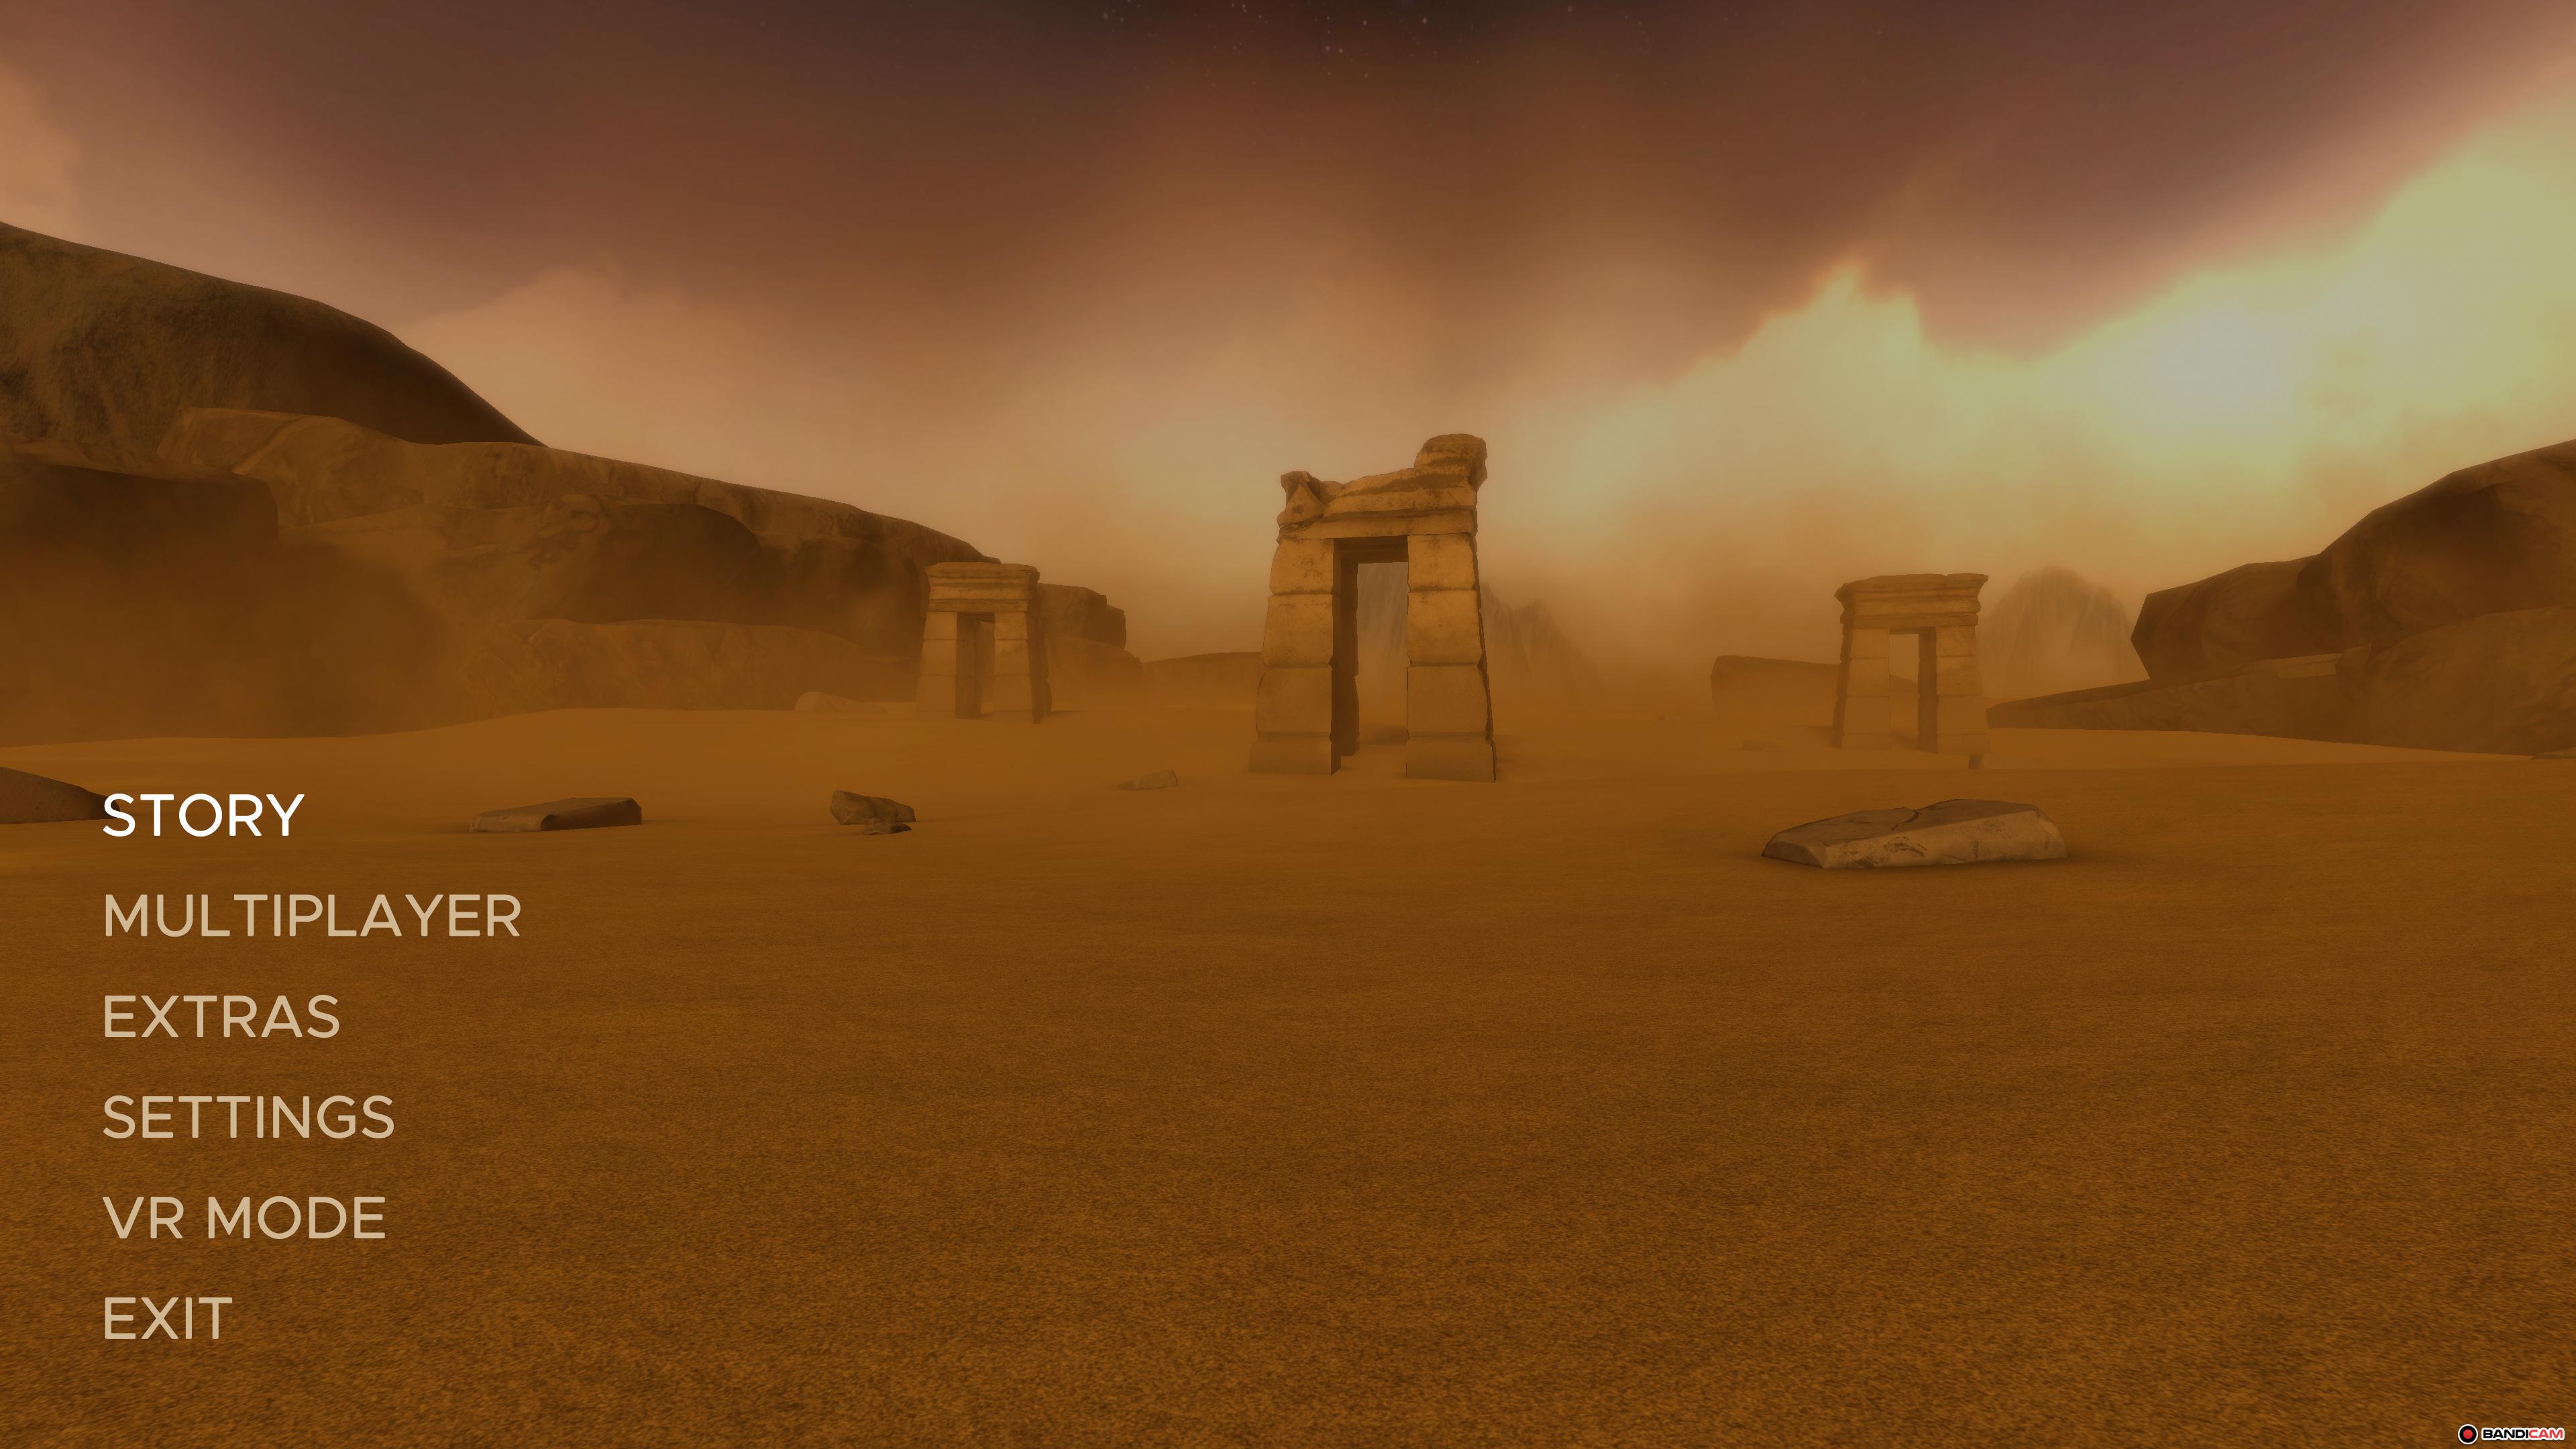 Обзор не найденной игры (ч.124) Downward Spiral: Horus Station. - Изображение 1